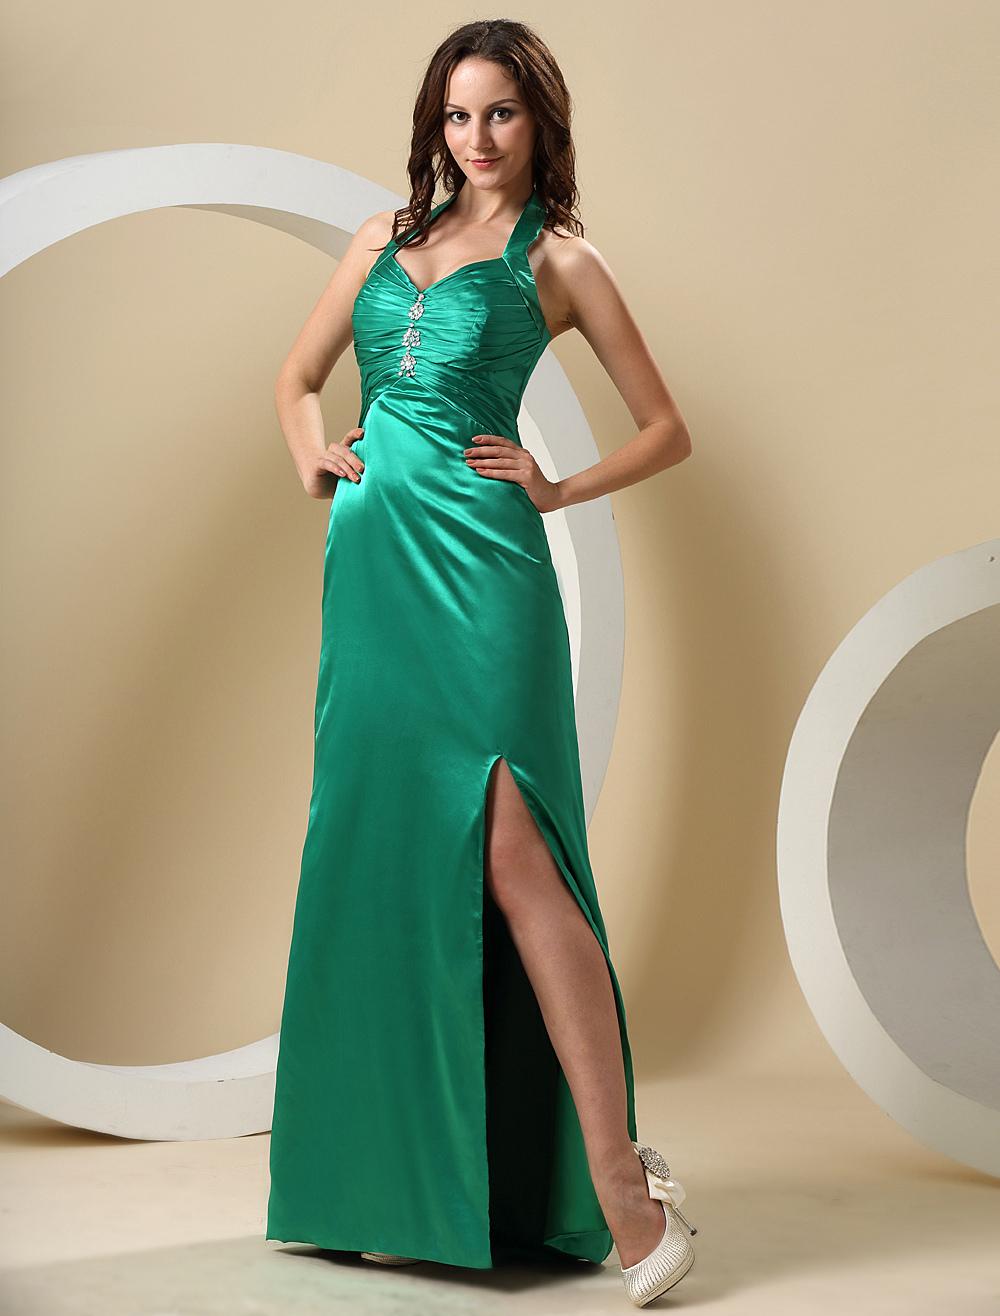 Hunter Green Halter Floor Length Elastic Woven Satin Prom Dress